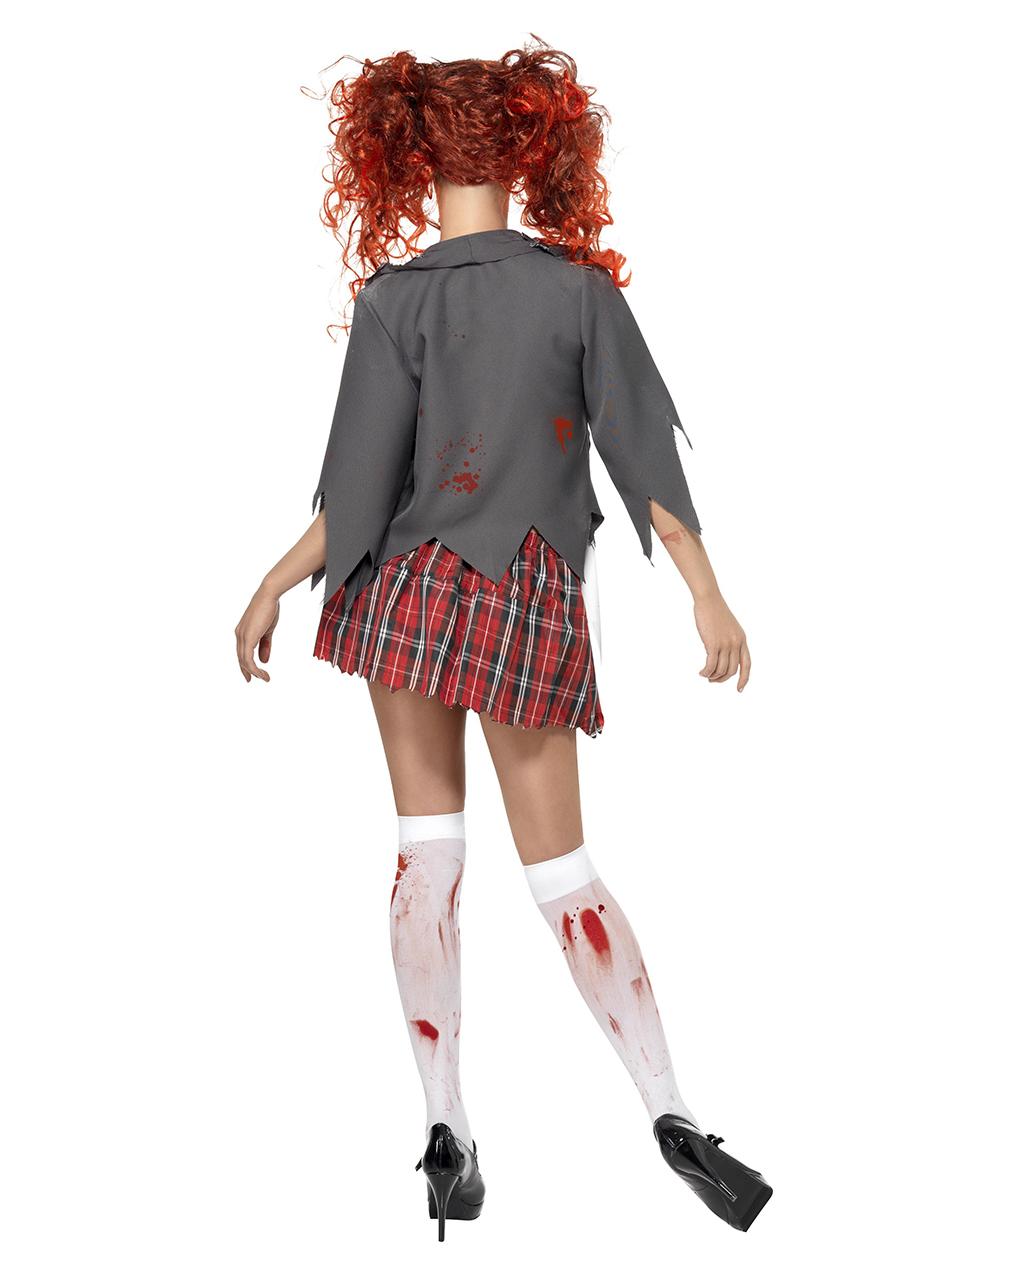 Zombie Schoolgirl Costumes High School Halloween Disguise School Uniform Horror Costumes